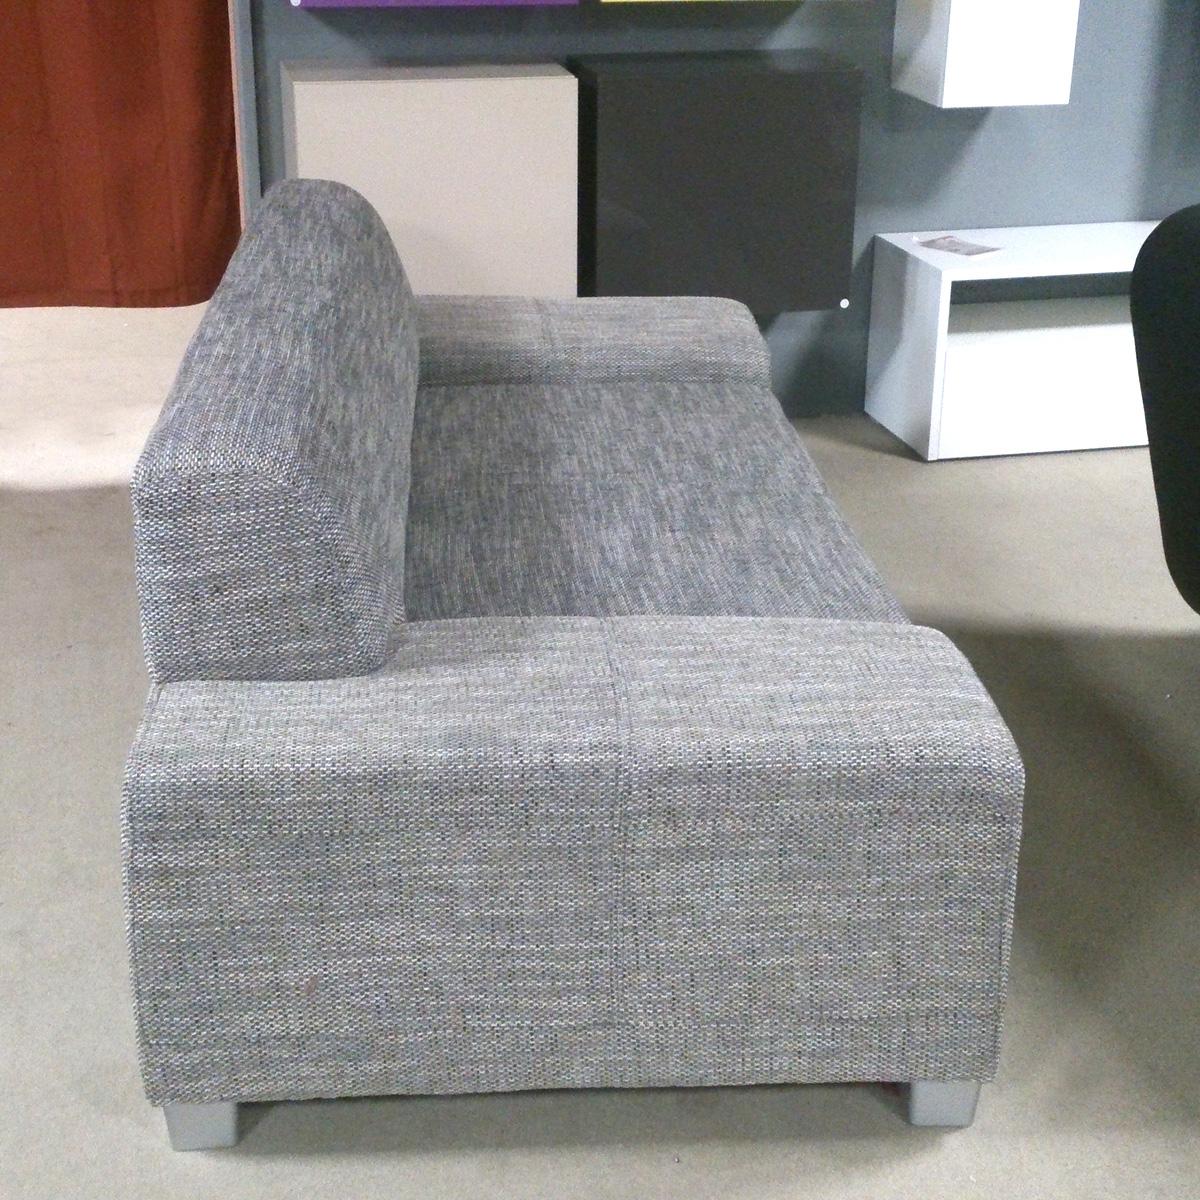 Sofa Peter 3 Sitzer Wohnzimmer Couch In Webstoff Salz Pfeffer Fusse